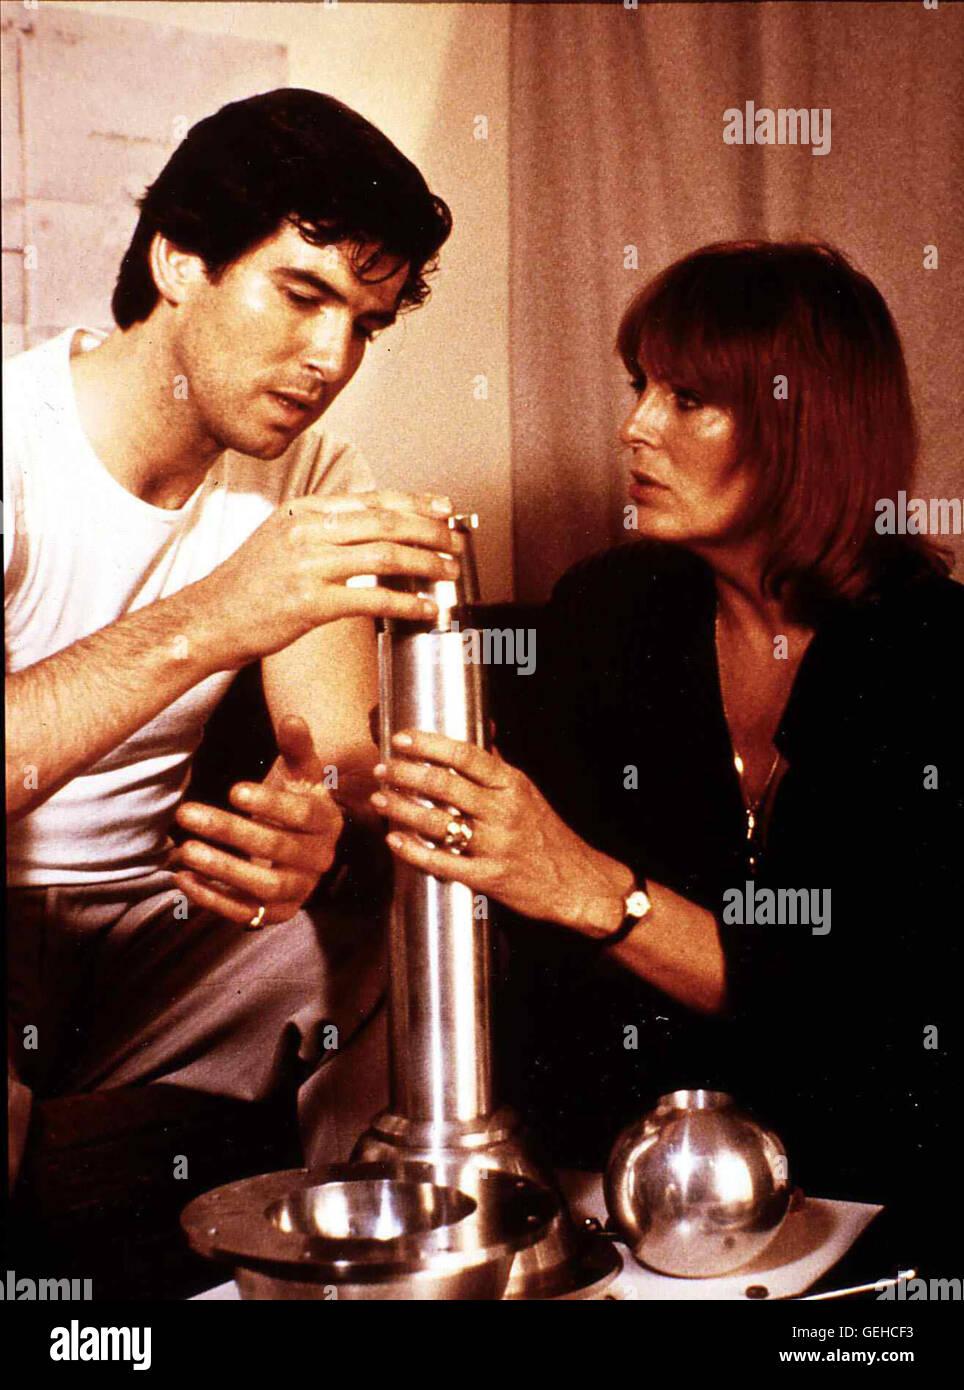 Pierce Brosnan, Joanna Cassidy   KGB-Agent Major Valeri Petrofsky (Pierce Brosnan) wird beauftragt, in England einen - Stock Image